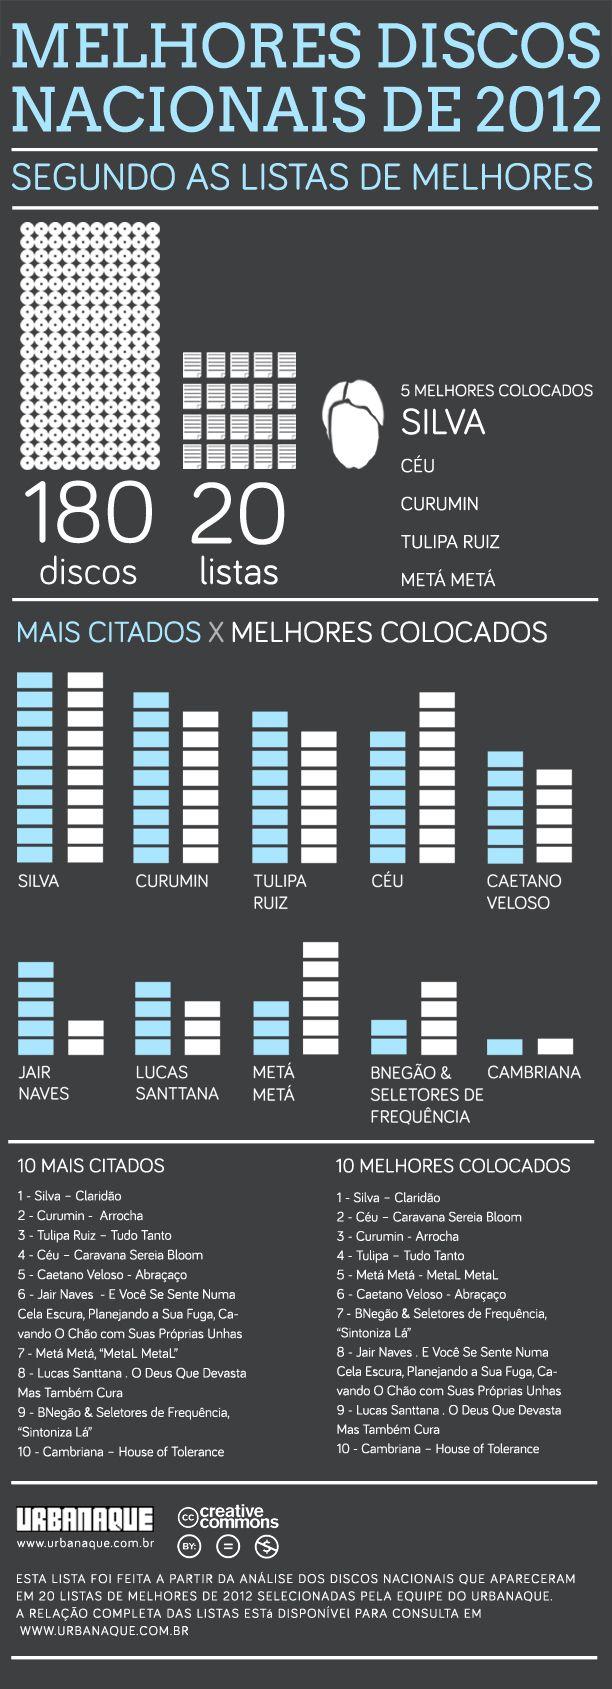 Melhores discos nacionais de 2012 segundos as listas de melhores discos nacionais de 2012.